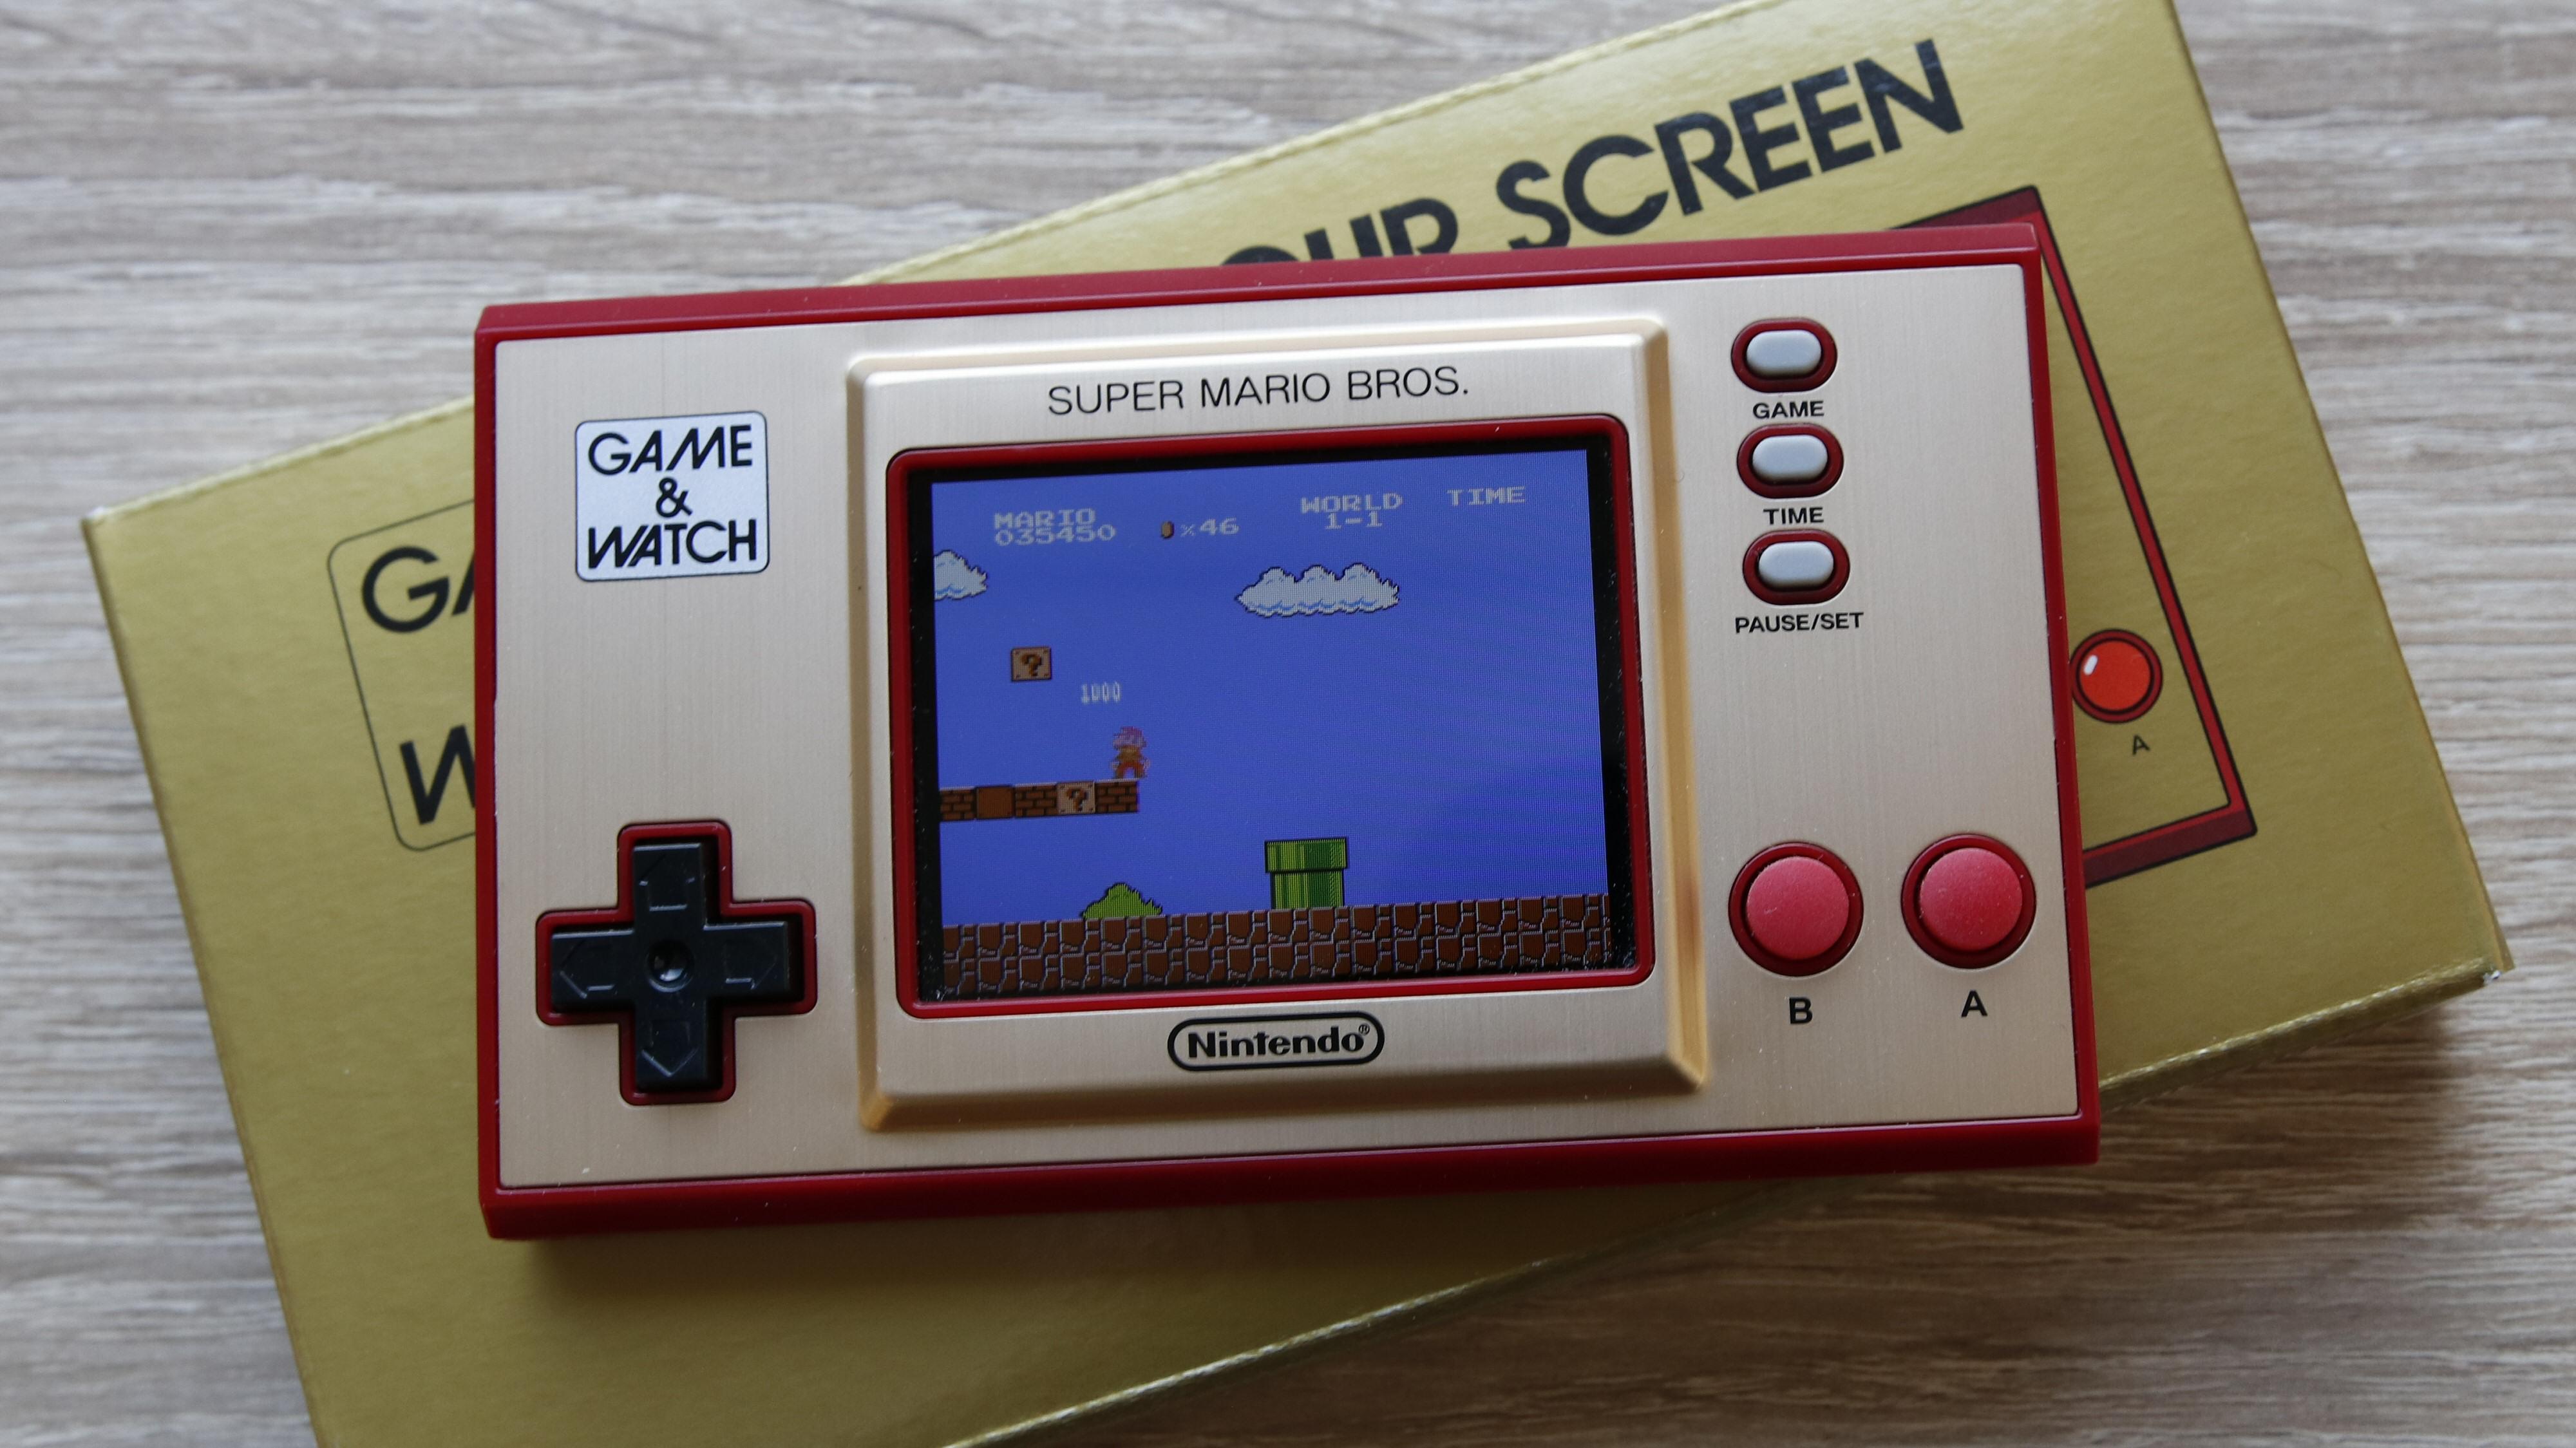 Nintendos nye Game & Watch er en hyllest til Super Mario